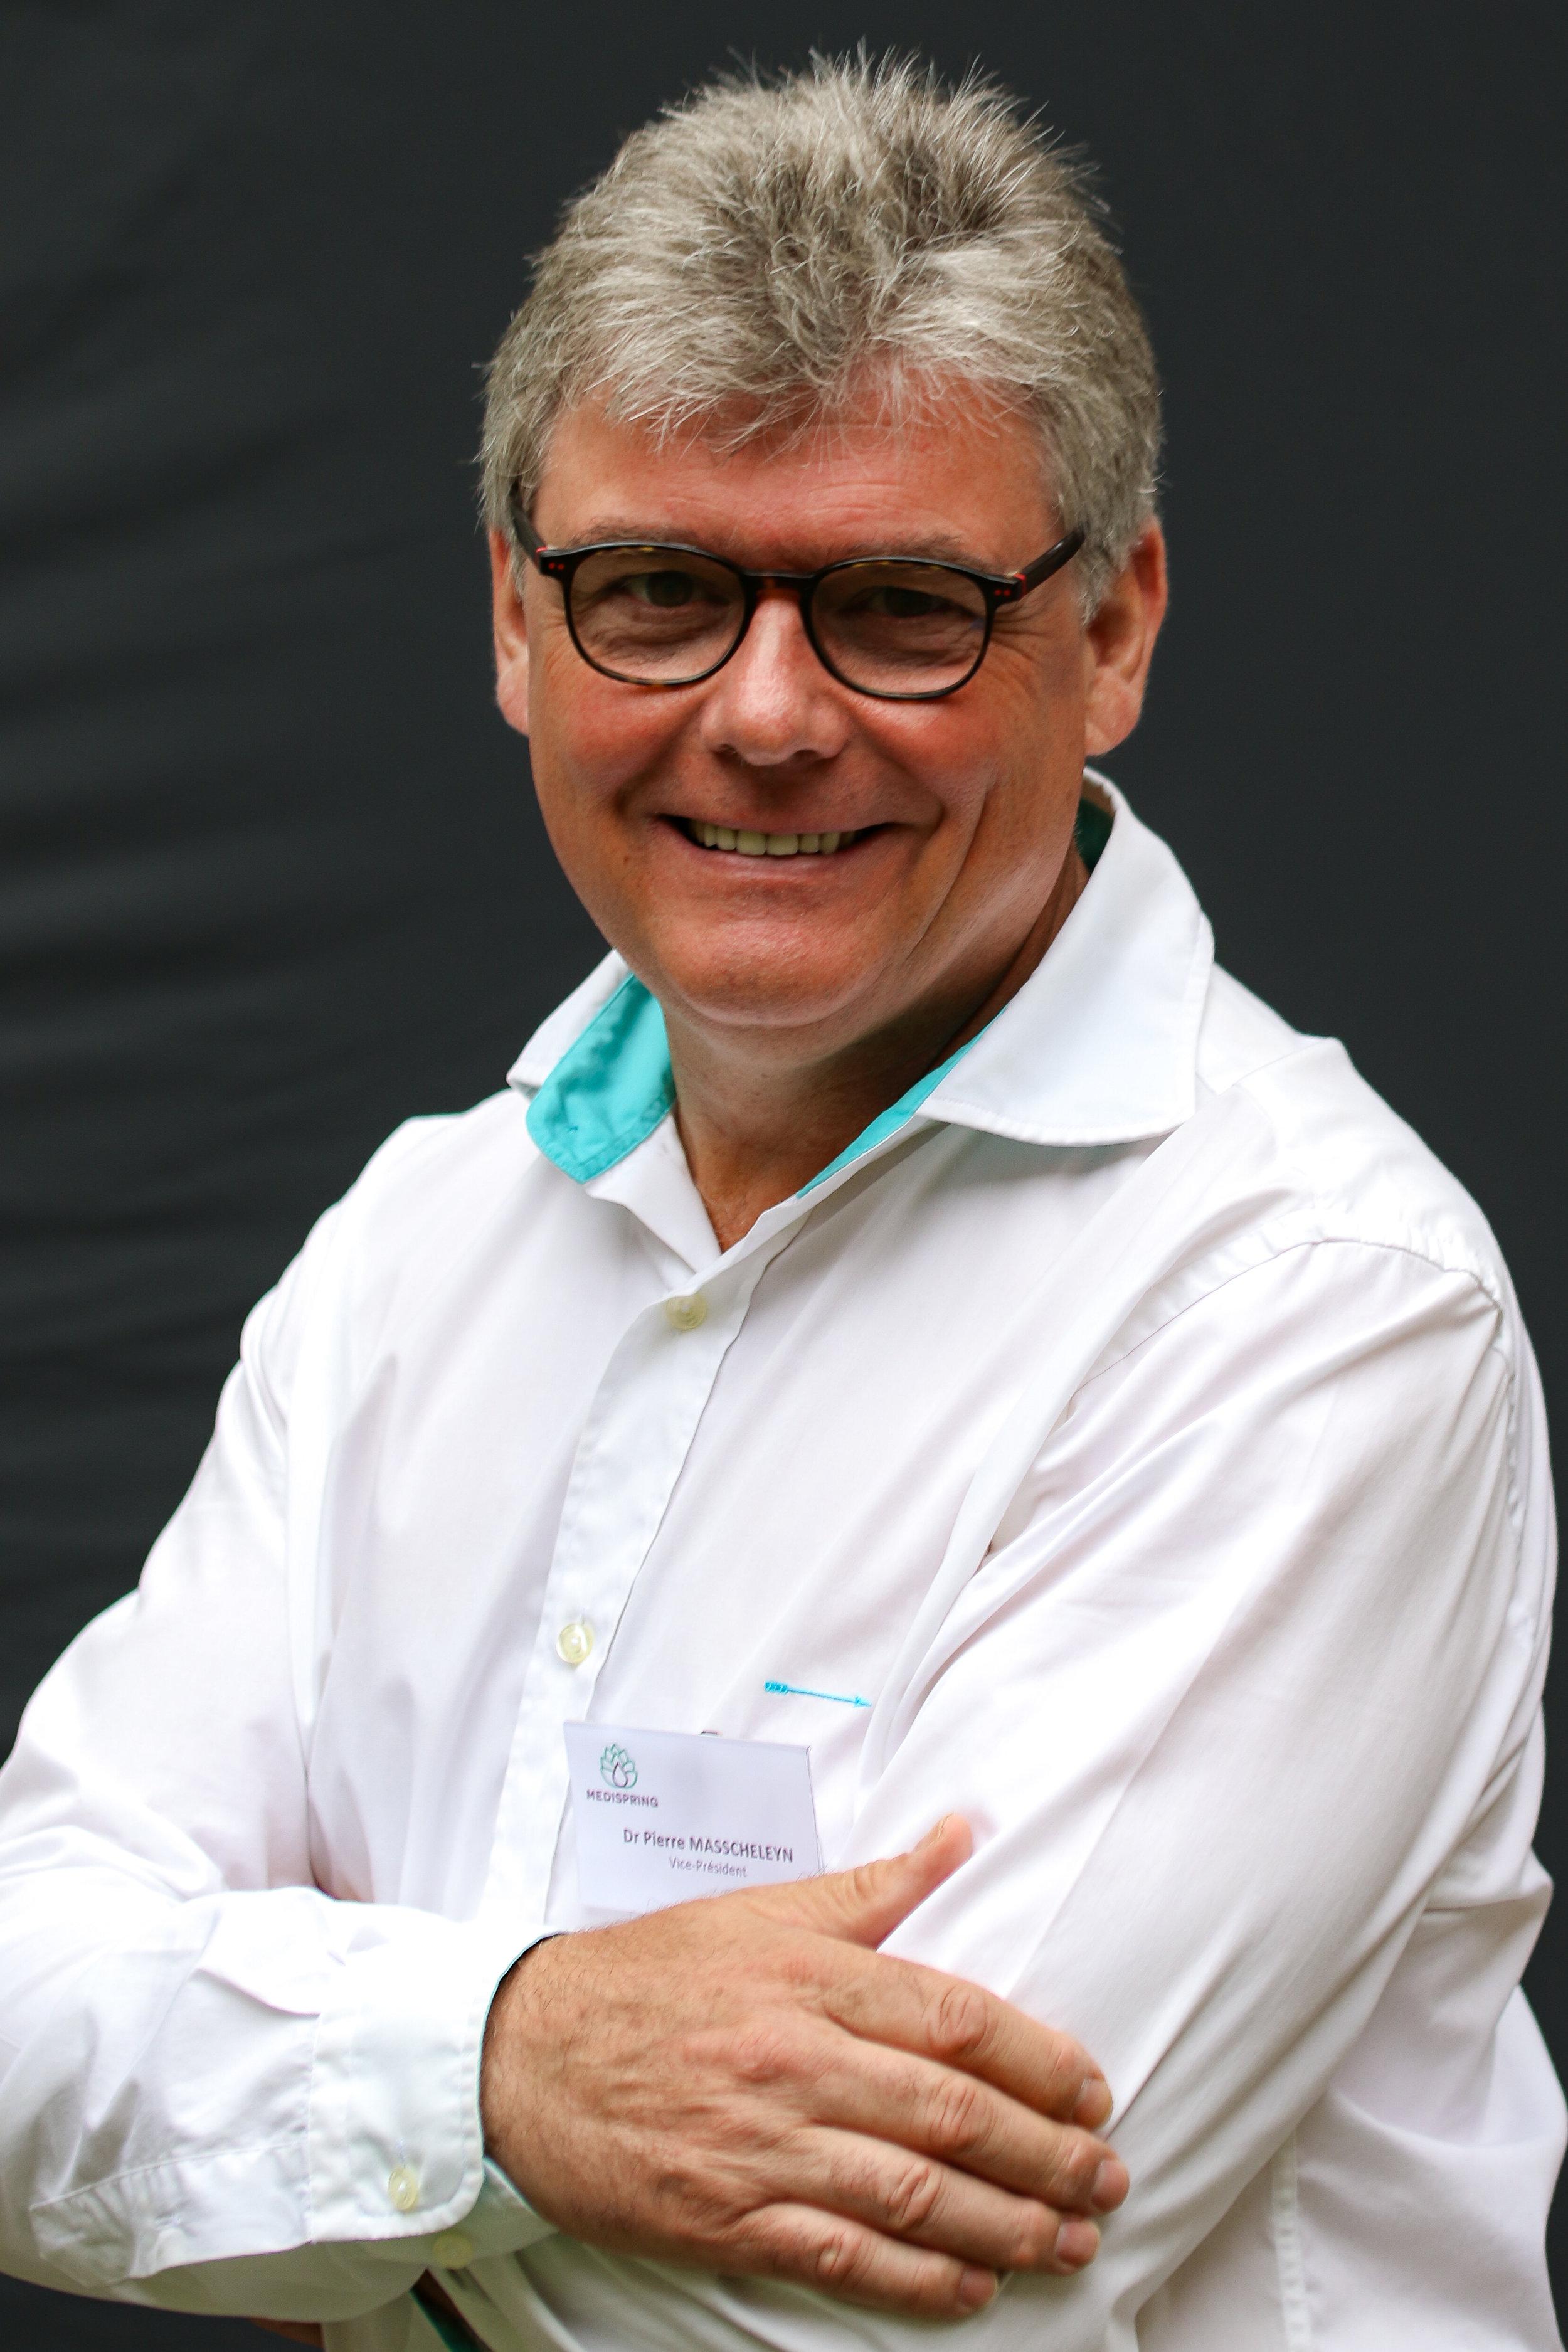 Dr. Pierre Masscheleyn